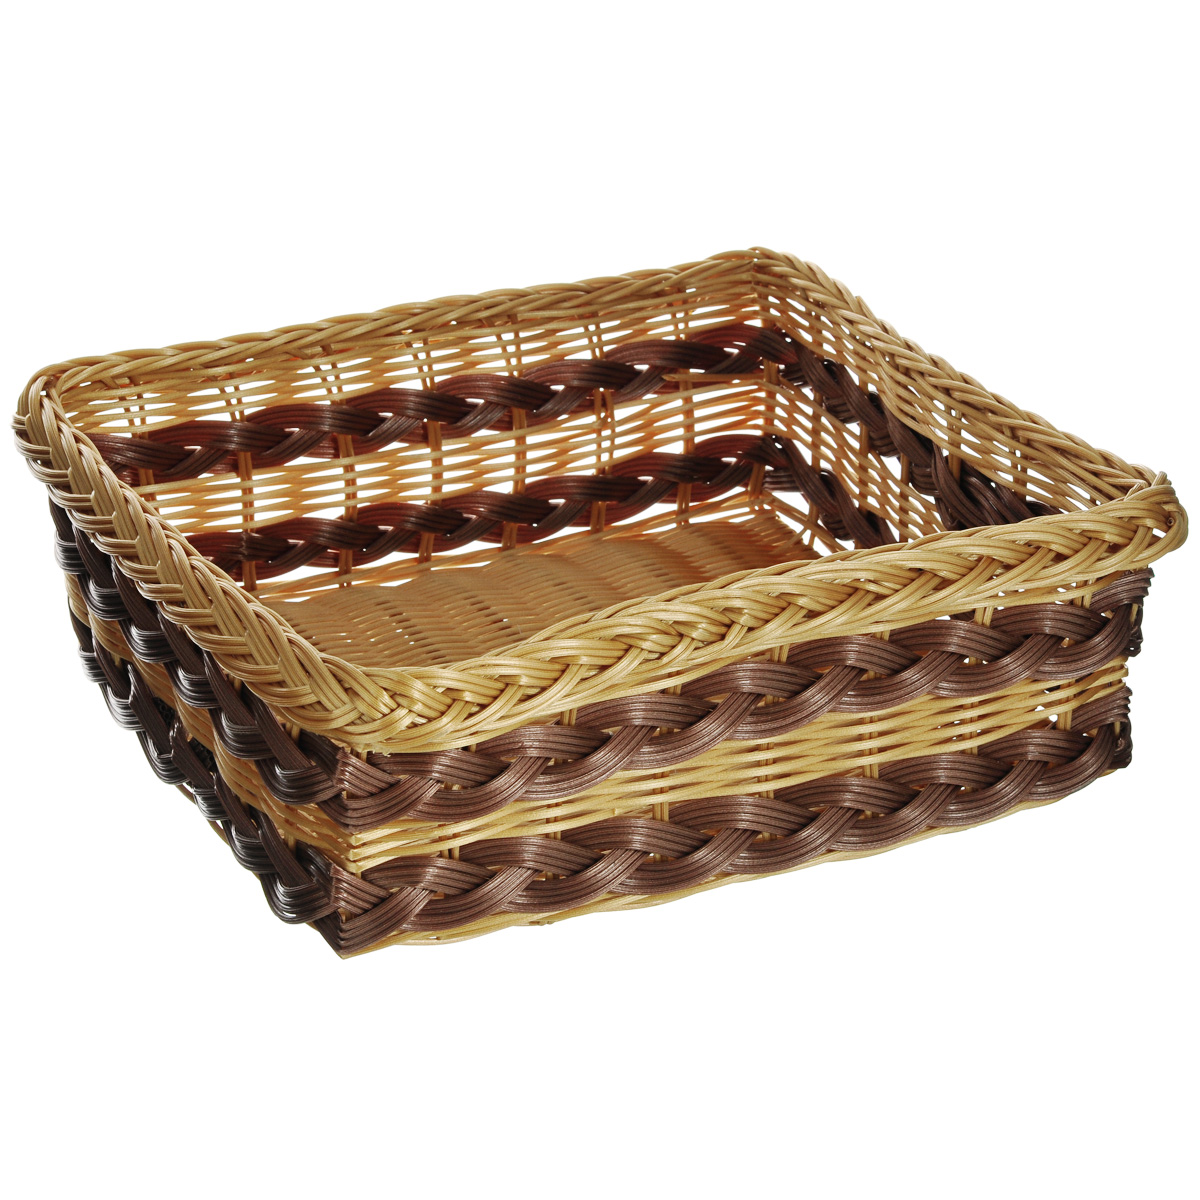 Корзинка для фруктов Kesper, 34 х 29 х 12 см 1781-41781-4Оригинальная плетеная корзинка Kesper прямоугольной формы, выполнена из пластика, напоминающего фактуру дерева. Корзинка прекрасно подойдет для вашей кухни. Она предназначена для красивой сервировки фруктов.Изящный дизайн придется по вкусу и ценителям классики, и тем, кто предпочитает утонченность и изысканность. Можно мыть в посудомоечной машине. Размер корзинки: 34 см х 29 см х 12 см.